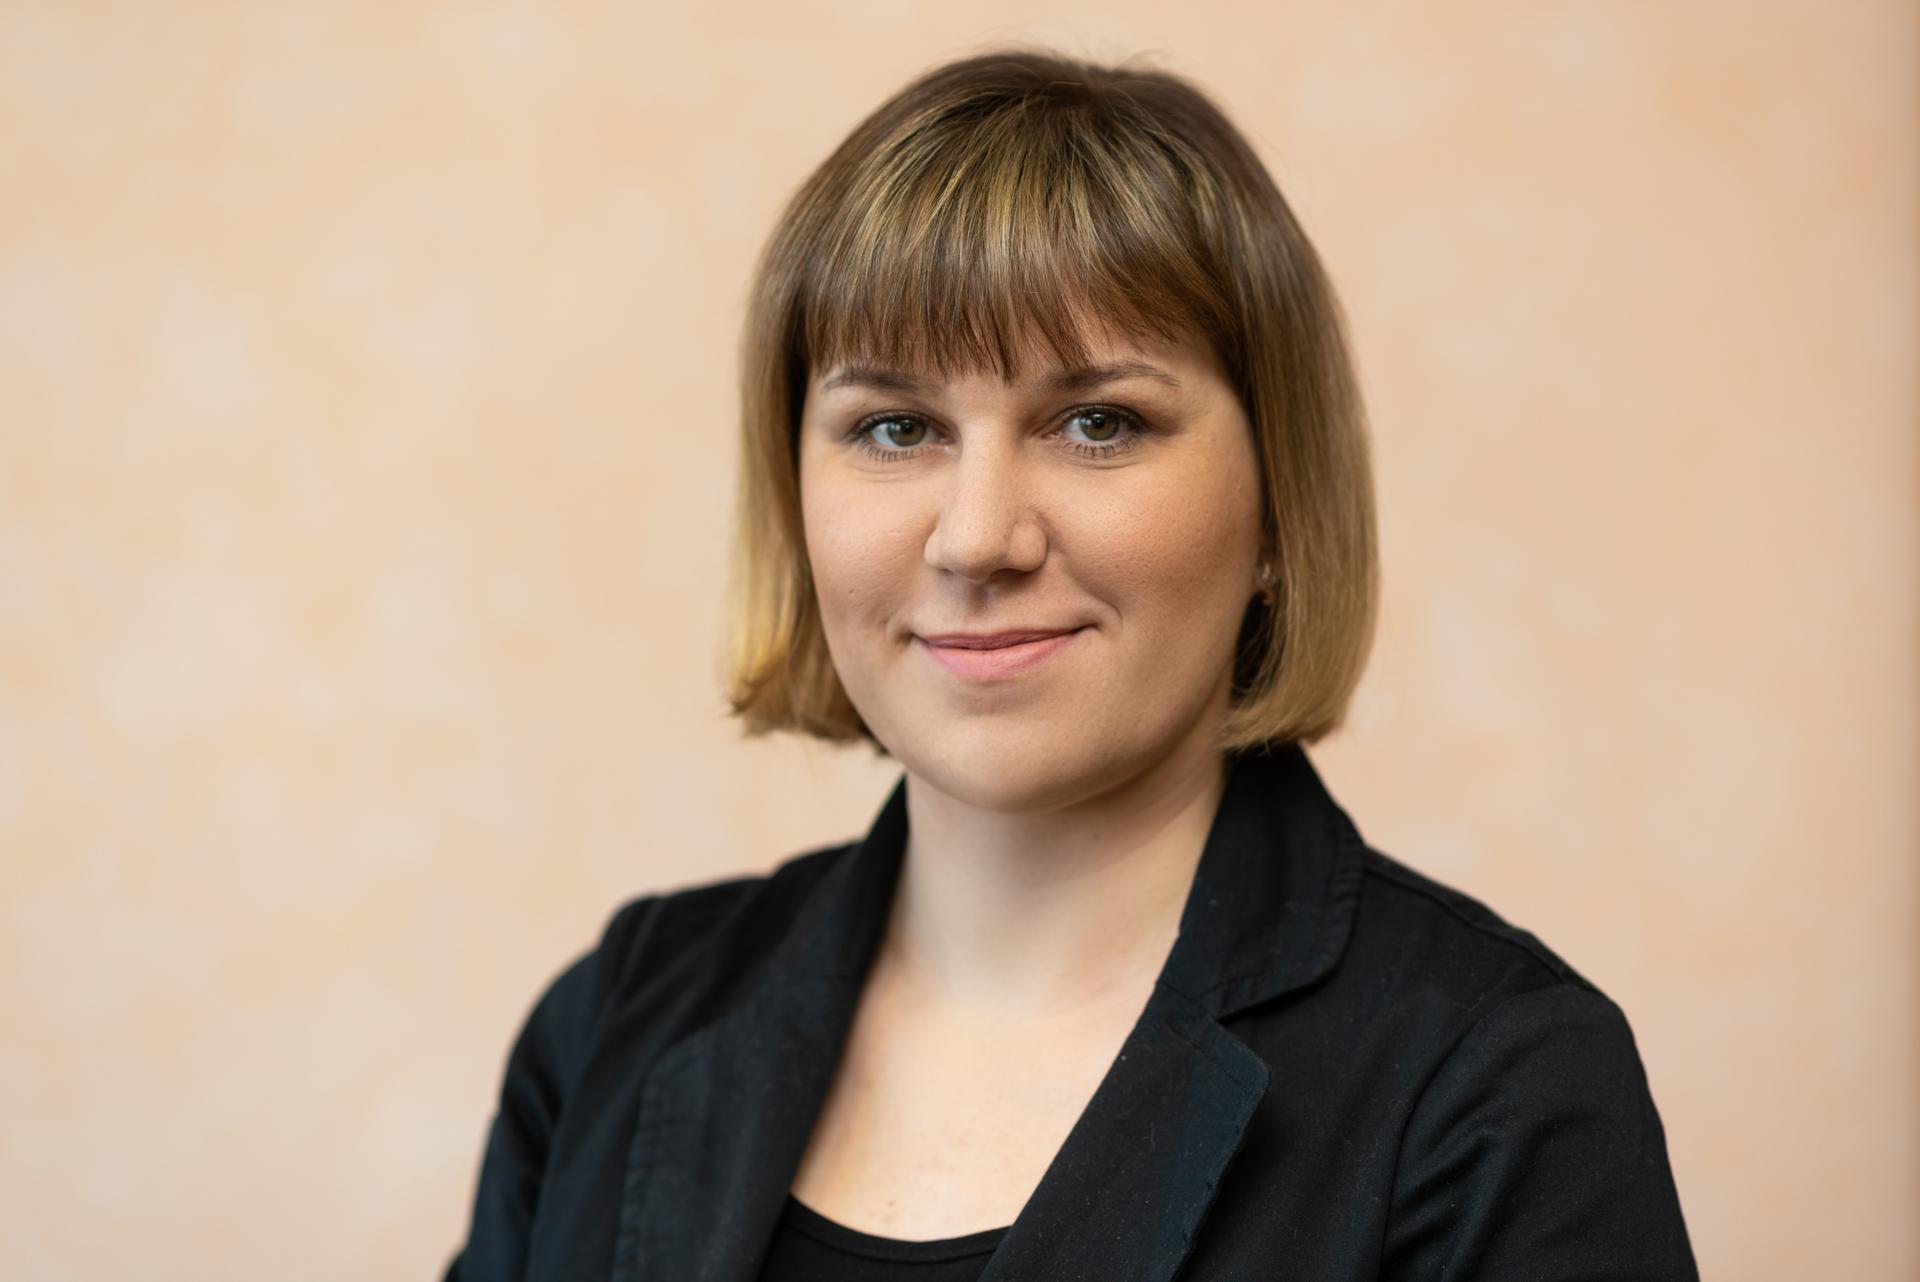 Симонова Олеся бухгалтер, стаж 12 лет <br><br><br>